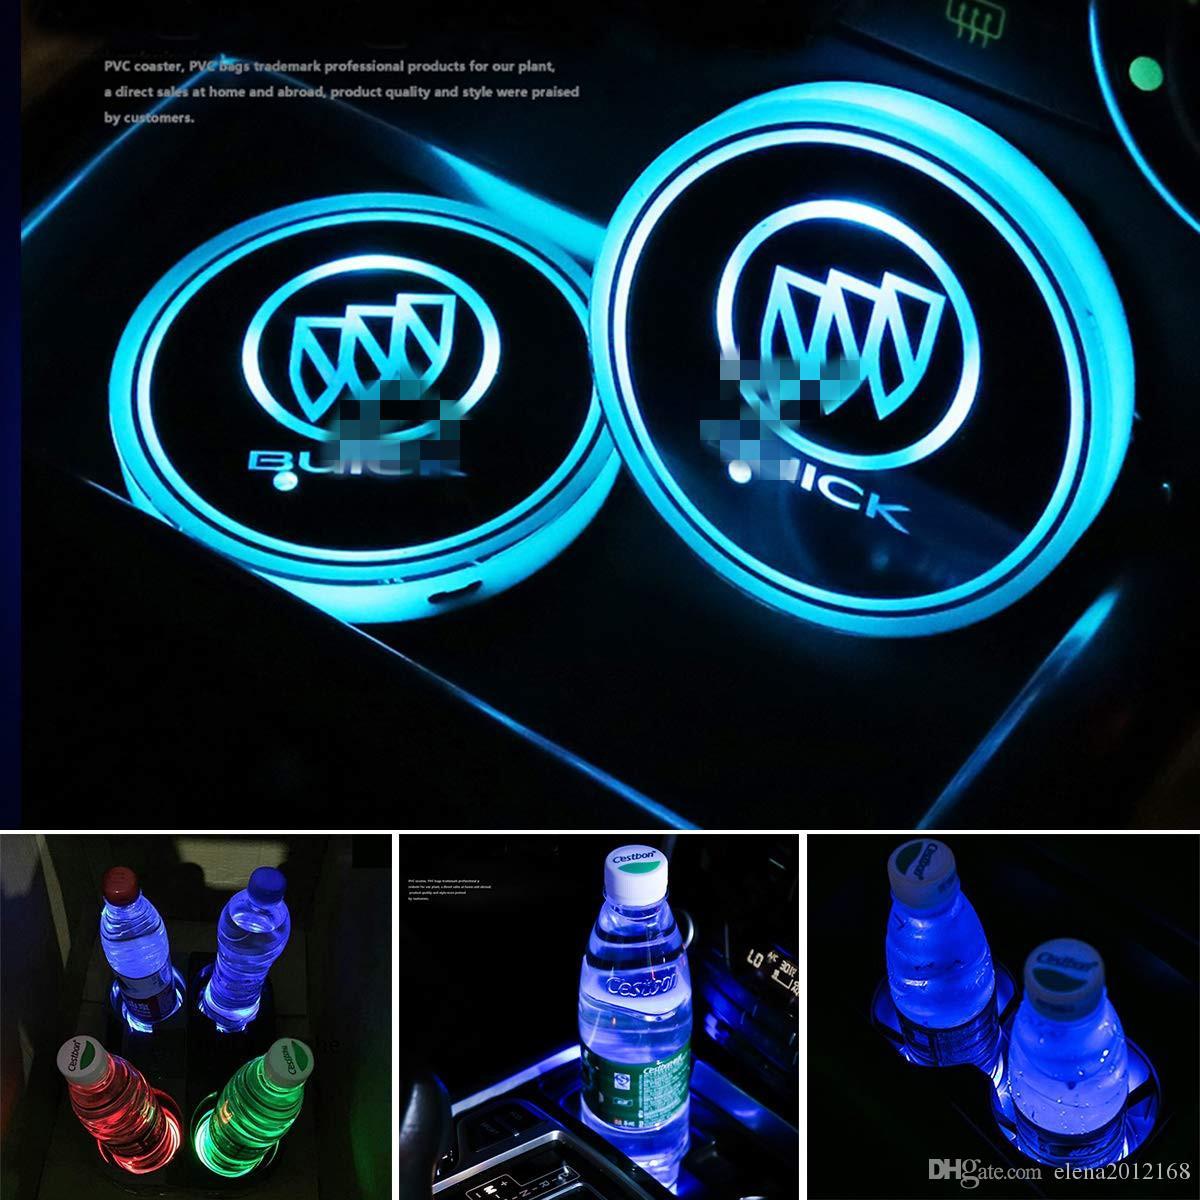 뷰익을위한 2 개 LED 자동차 컵 홀더 조명, 매트 발광 컵 패드를 충전 USB를 변경 7 색, LED 실내 분위기 램프